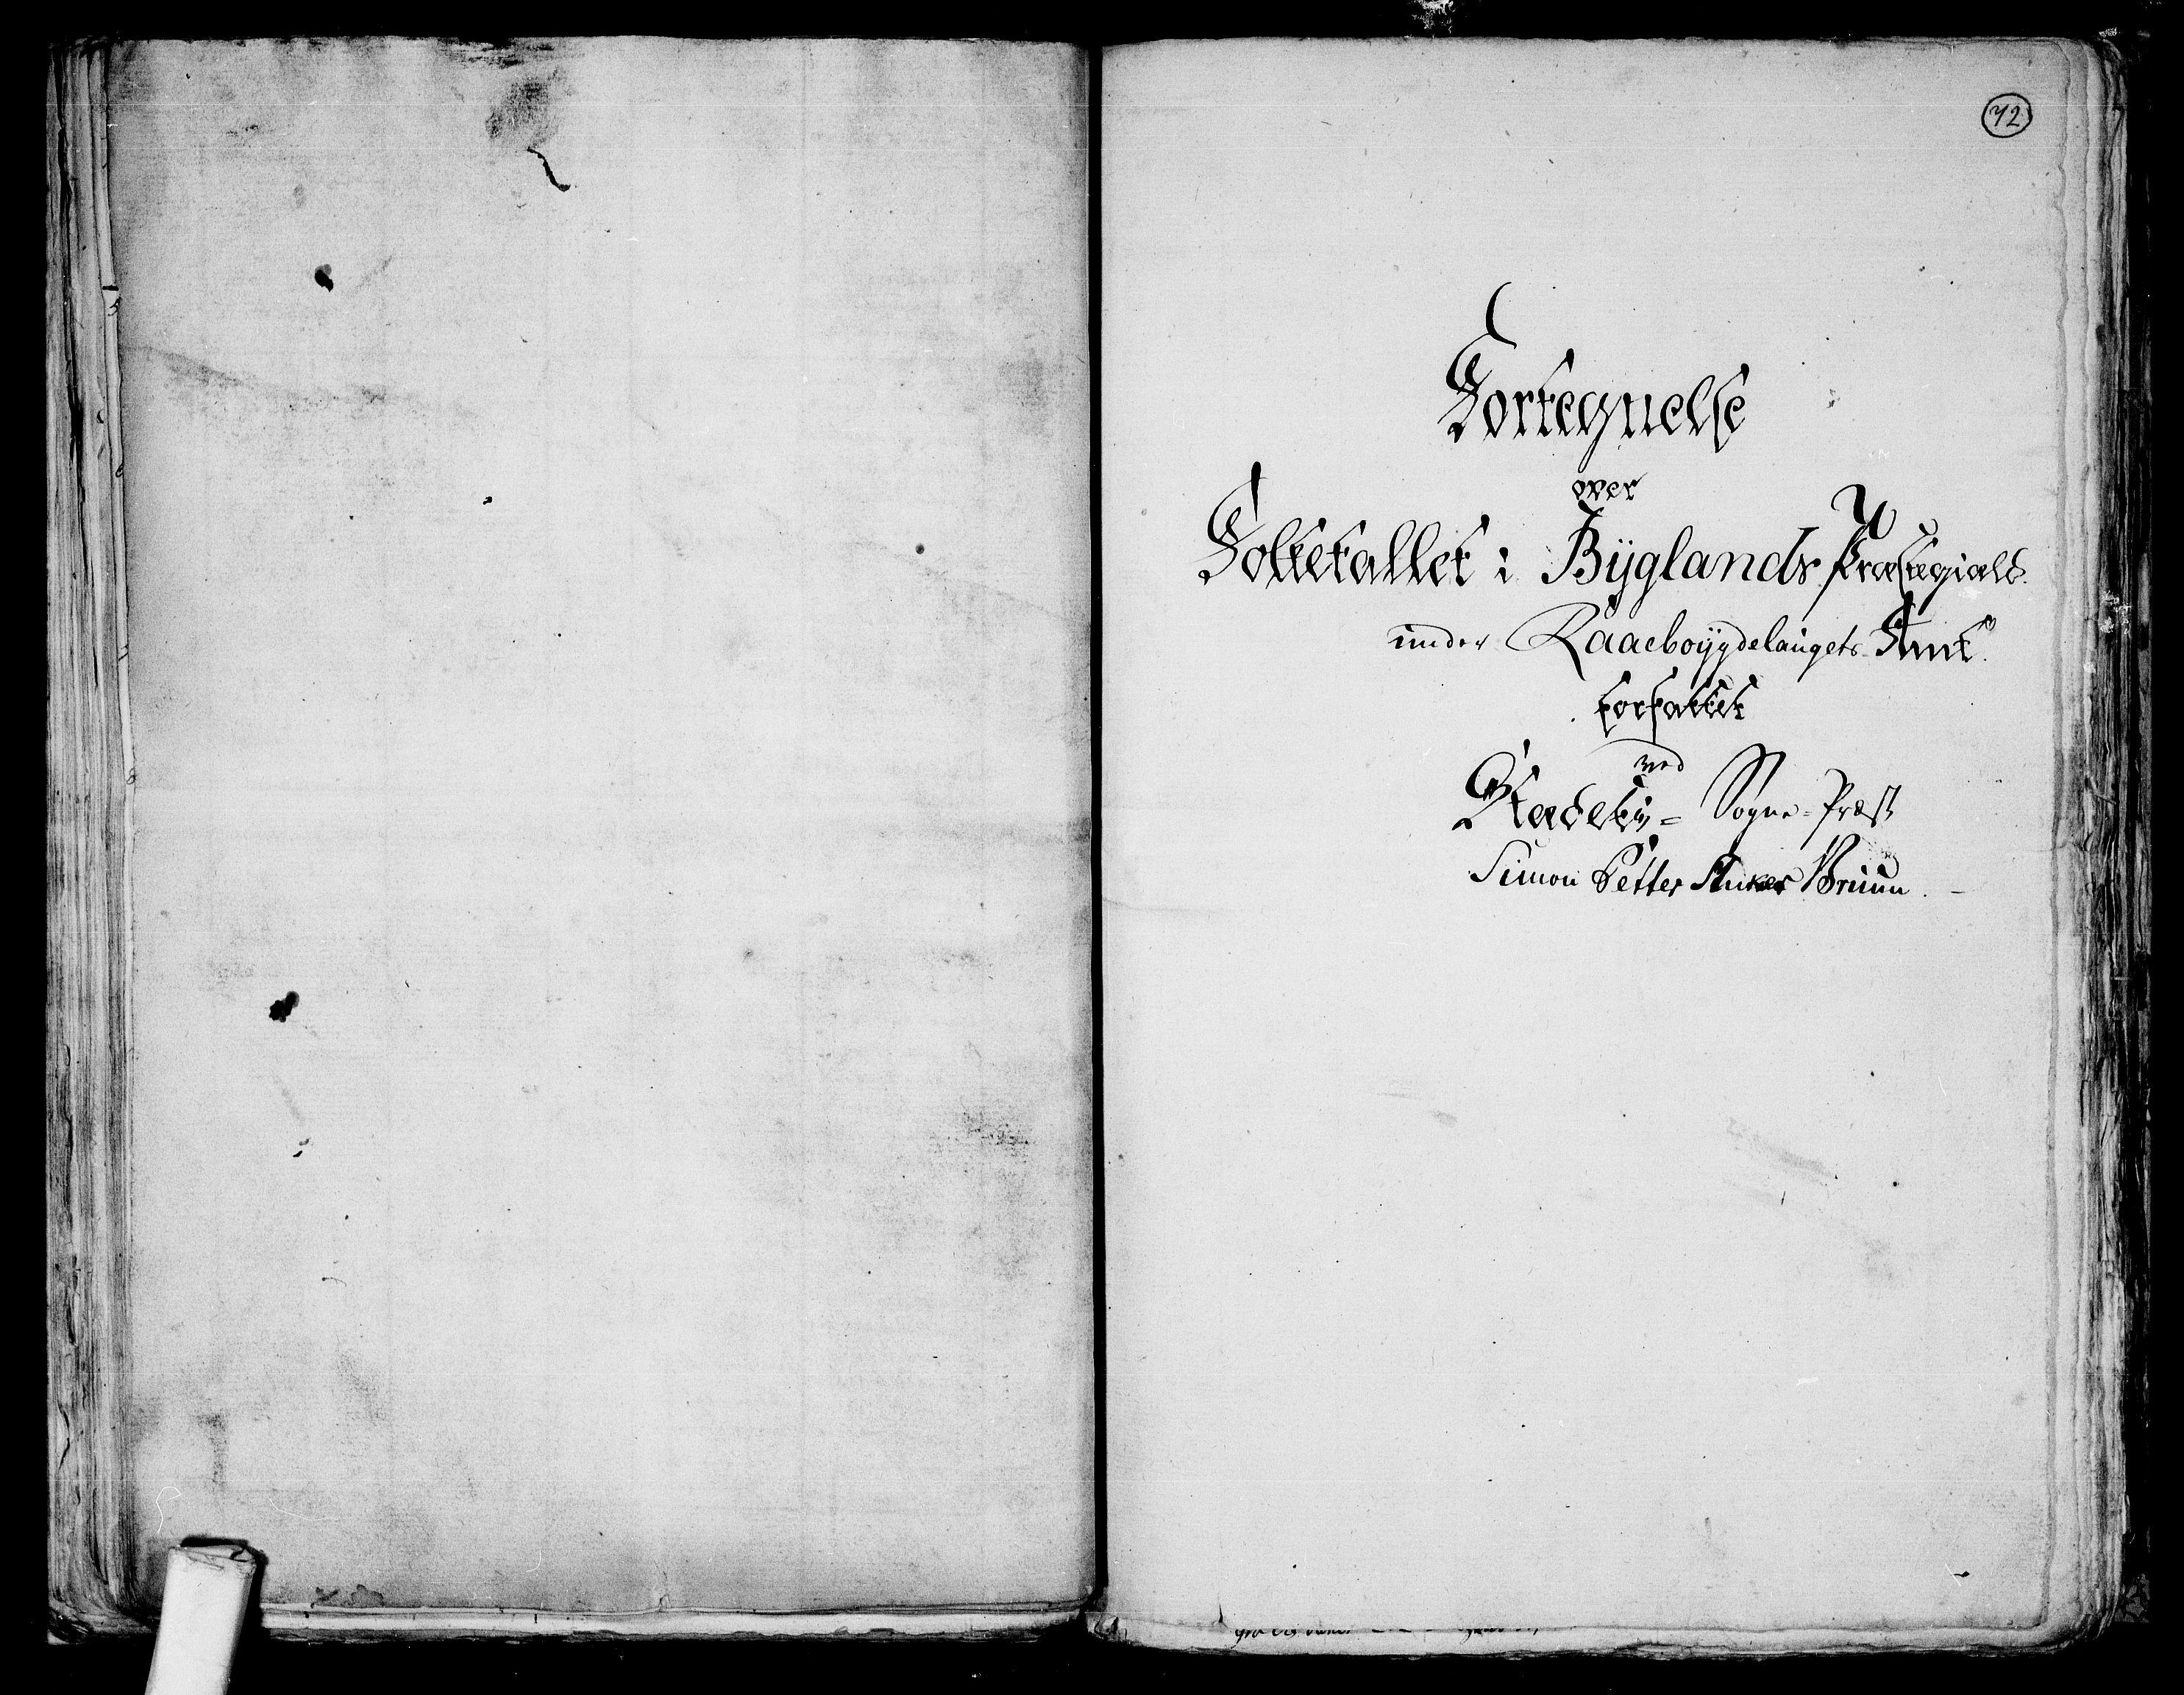 RA, Folketelling 1801 for 0938P Bygland prestegjeld, 1801, s. 71b-72a